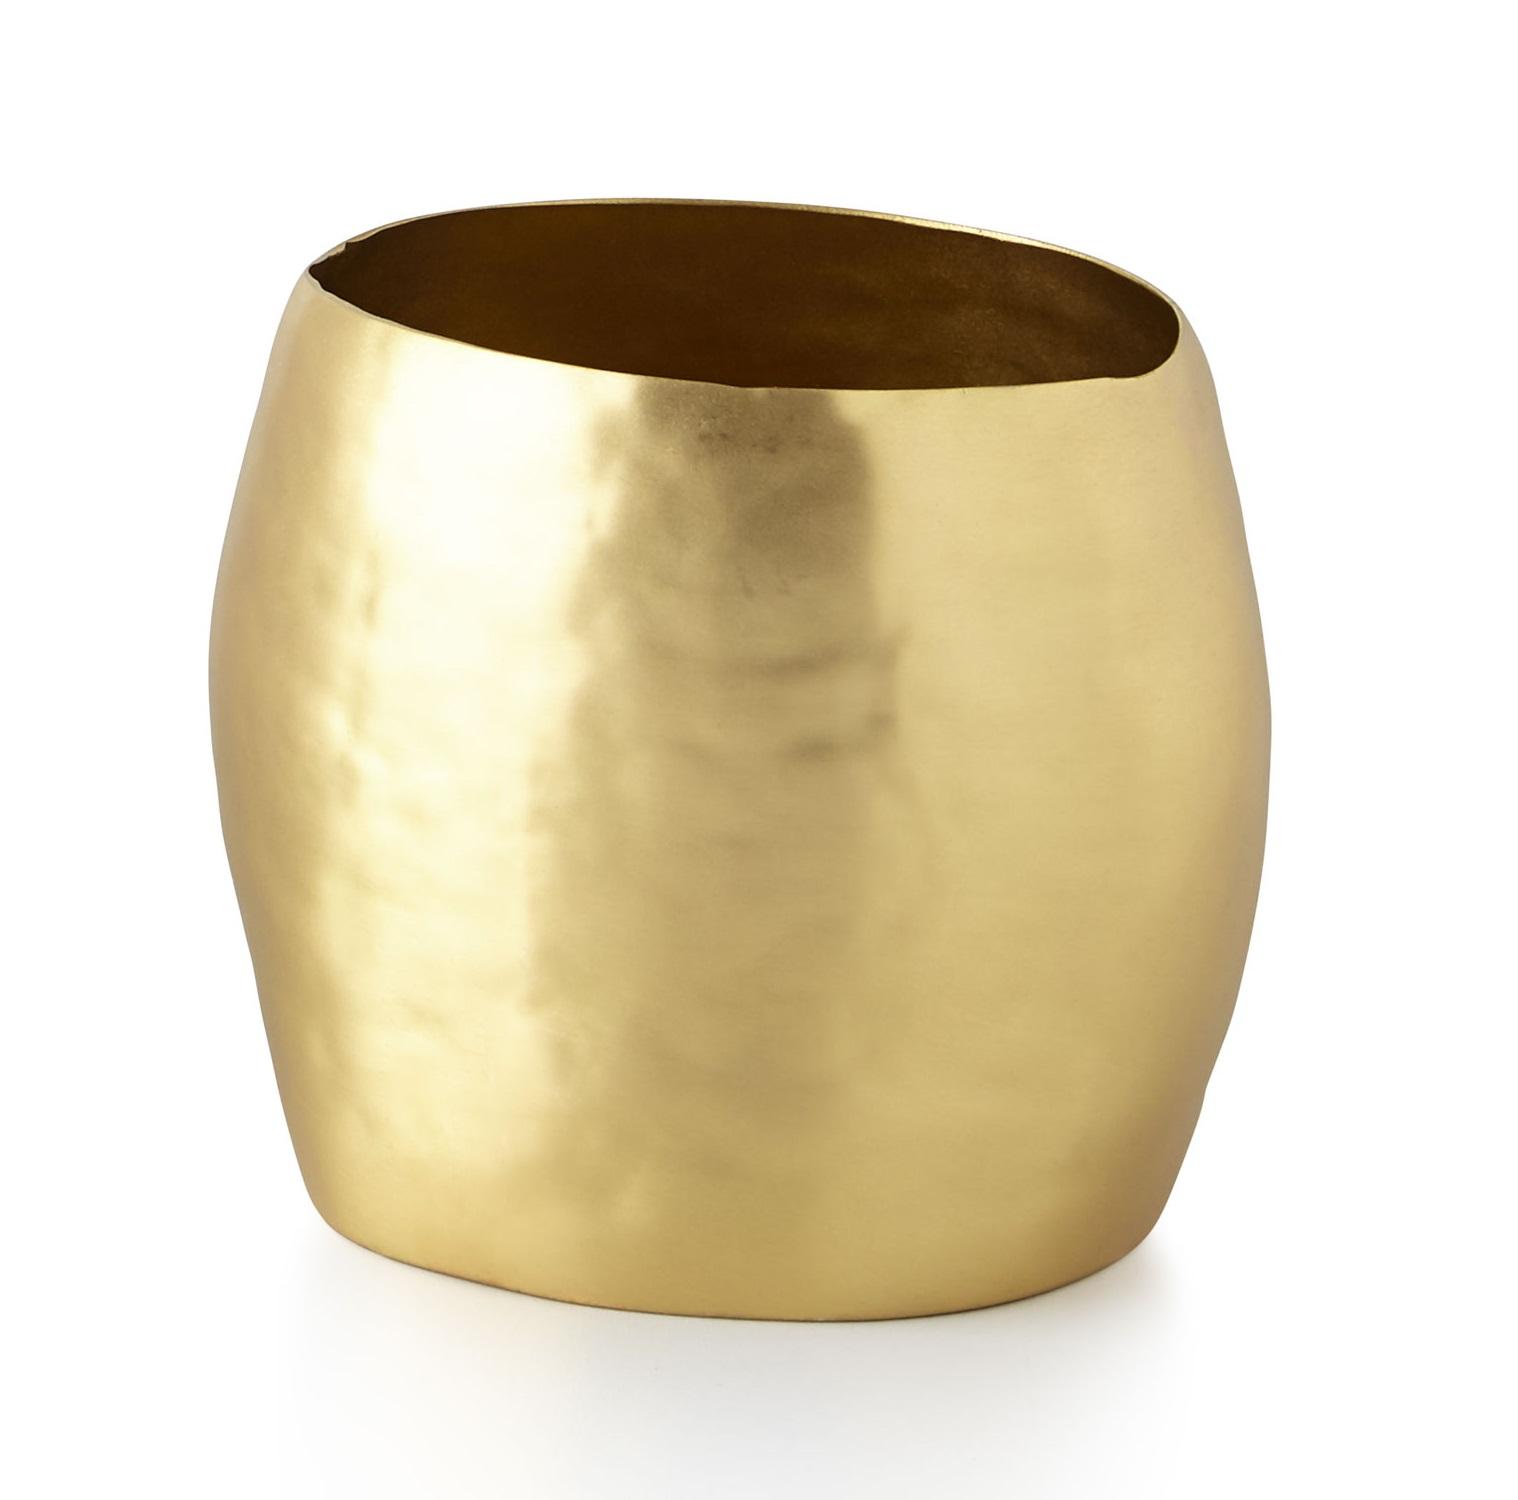 Стакан для ванной комнаты Kassatex Nile, ANL-TBH, золотой